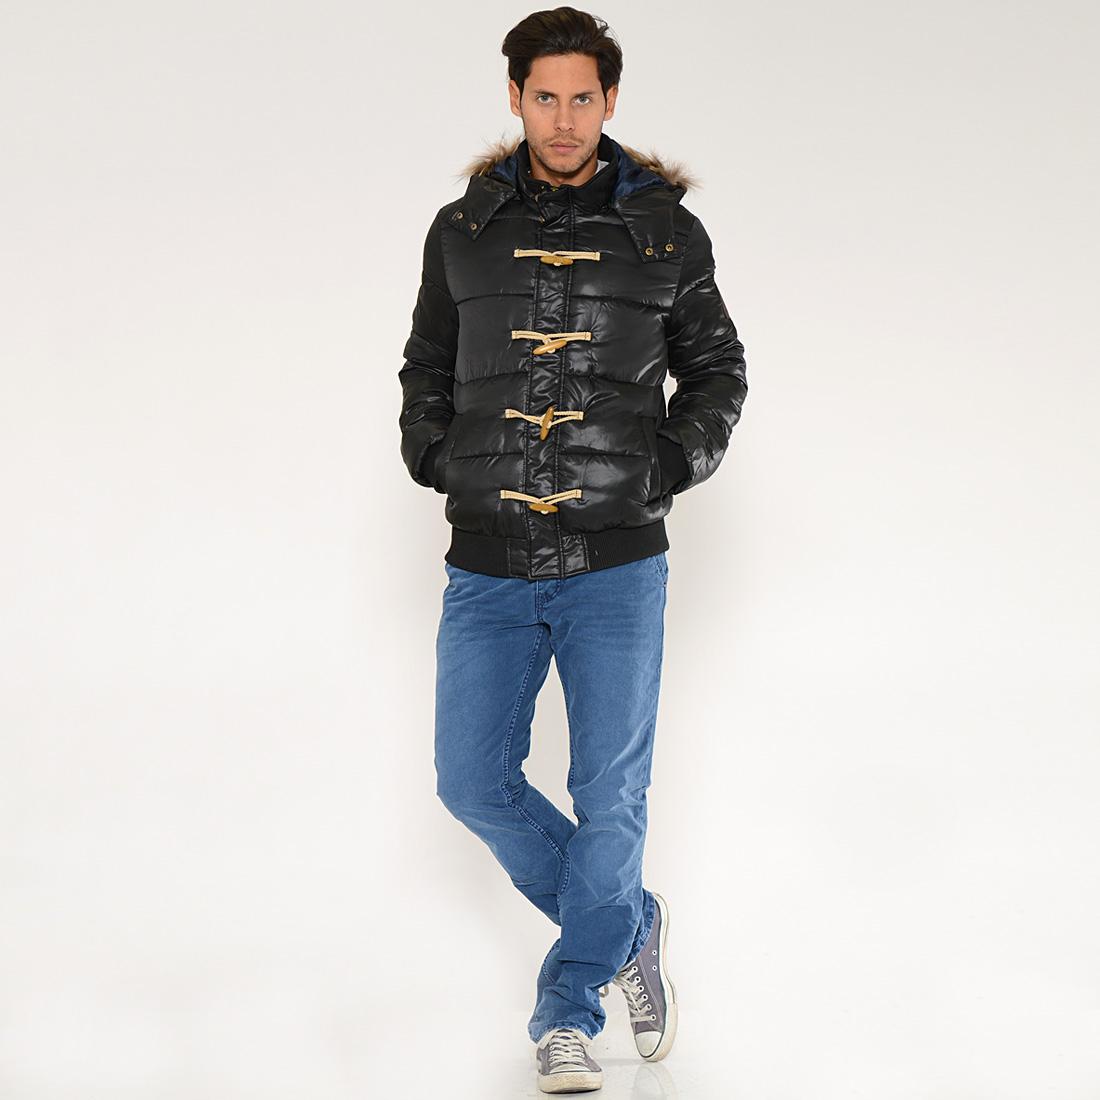 Jusqu'à -70% sur une sélection de vêtements Kaporal + 10% Supplémentaire + Livraison Gratuite - Ex : Doudoune Zooka Noire